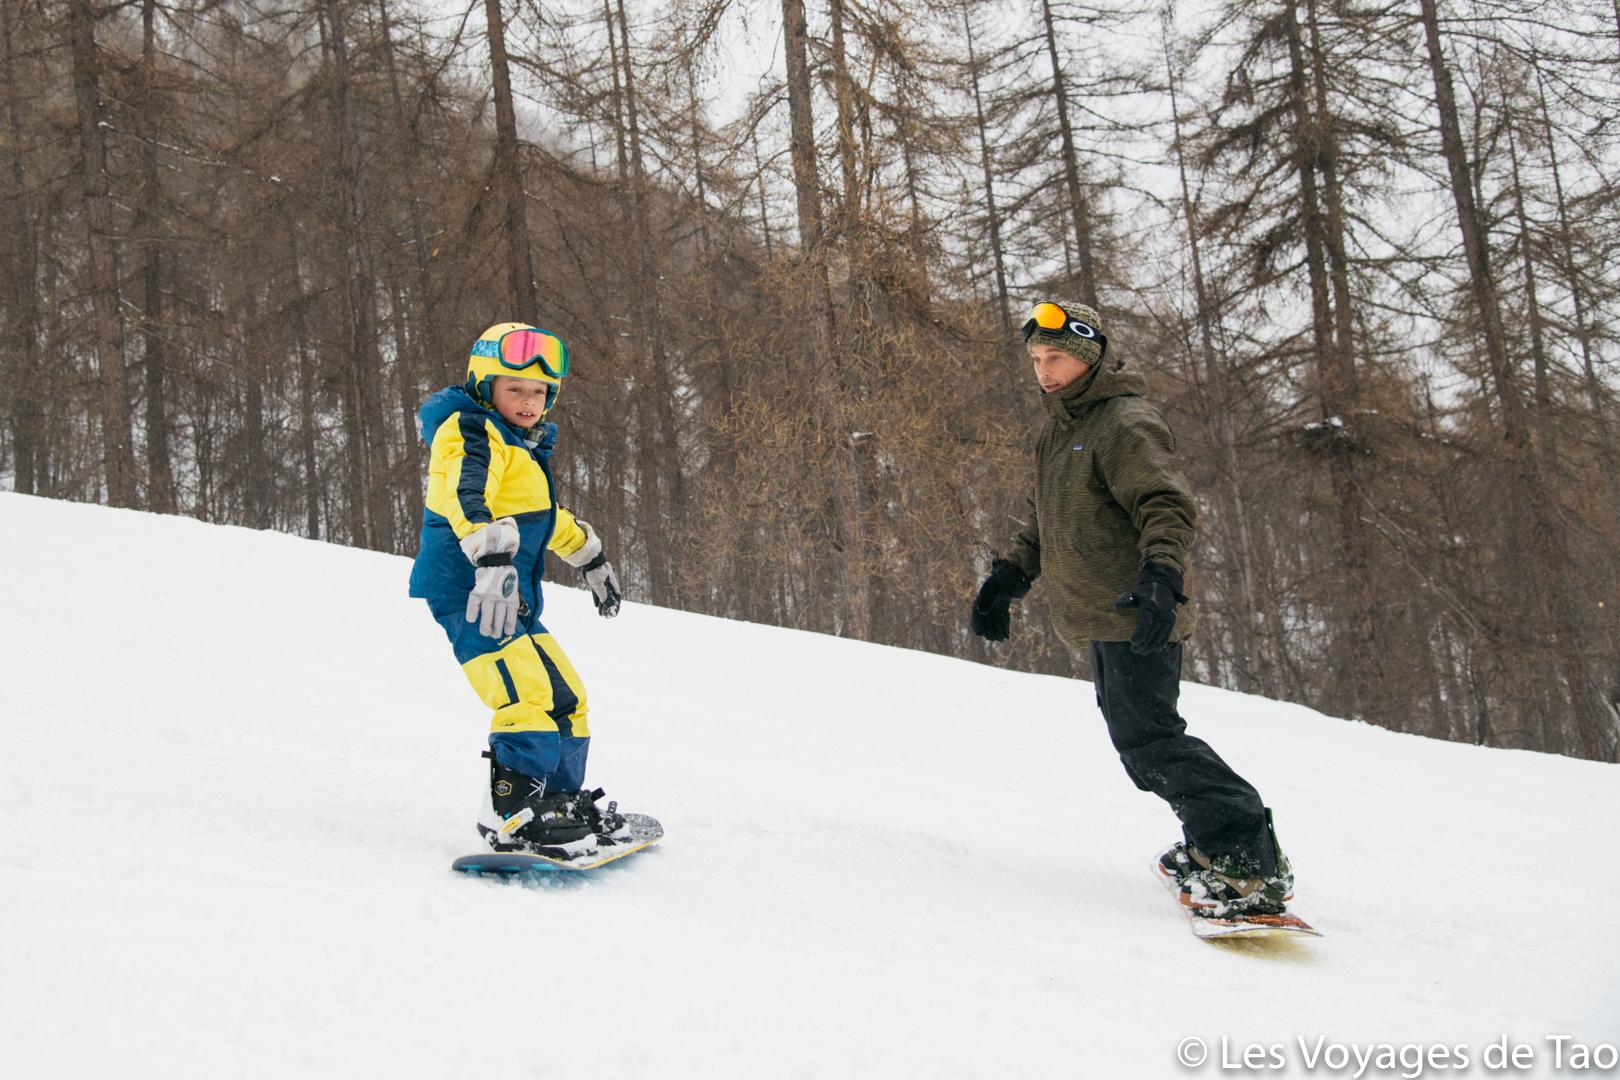 Empezando por el snowboard para niños